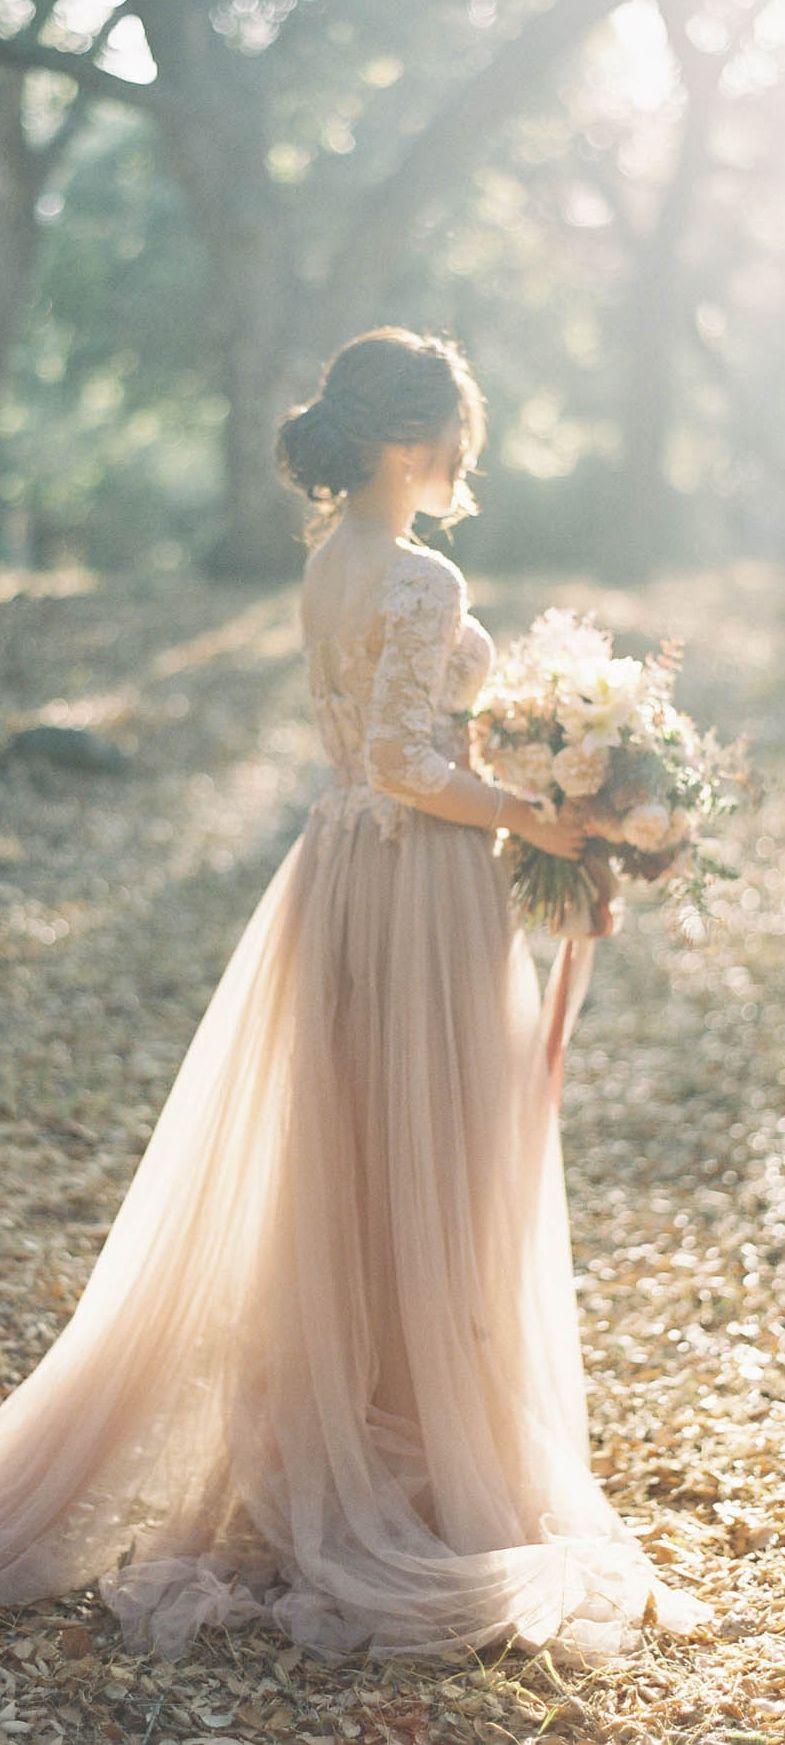 d7151456a59 La mágica luz del otoño es ideal para fotografías como ésta.  fotos  boda